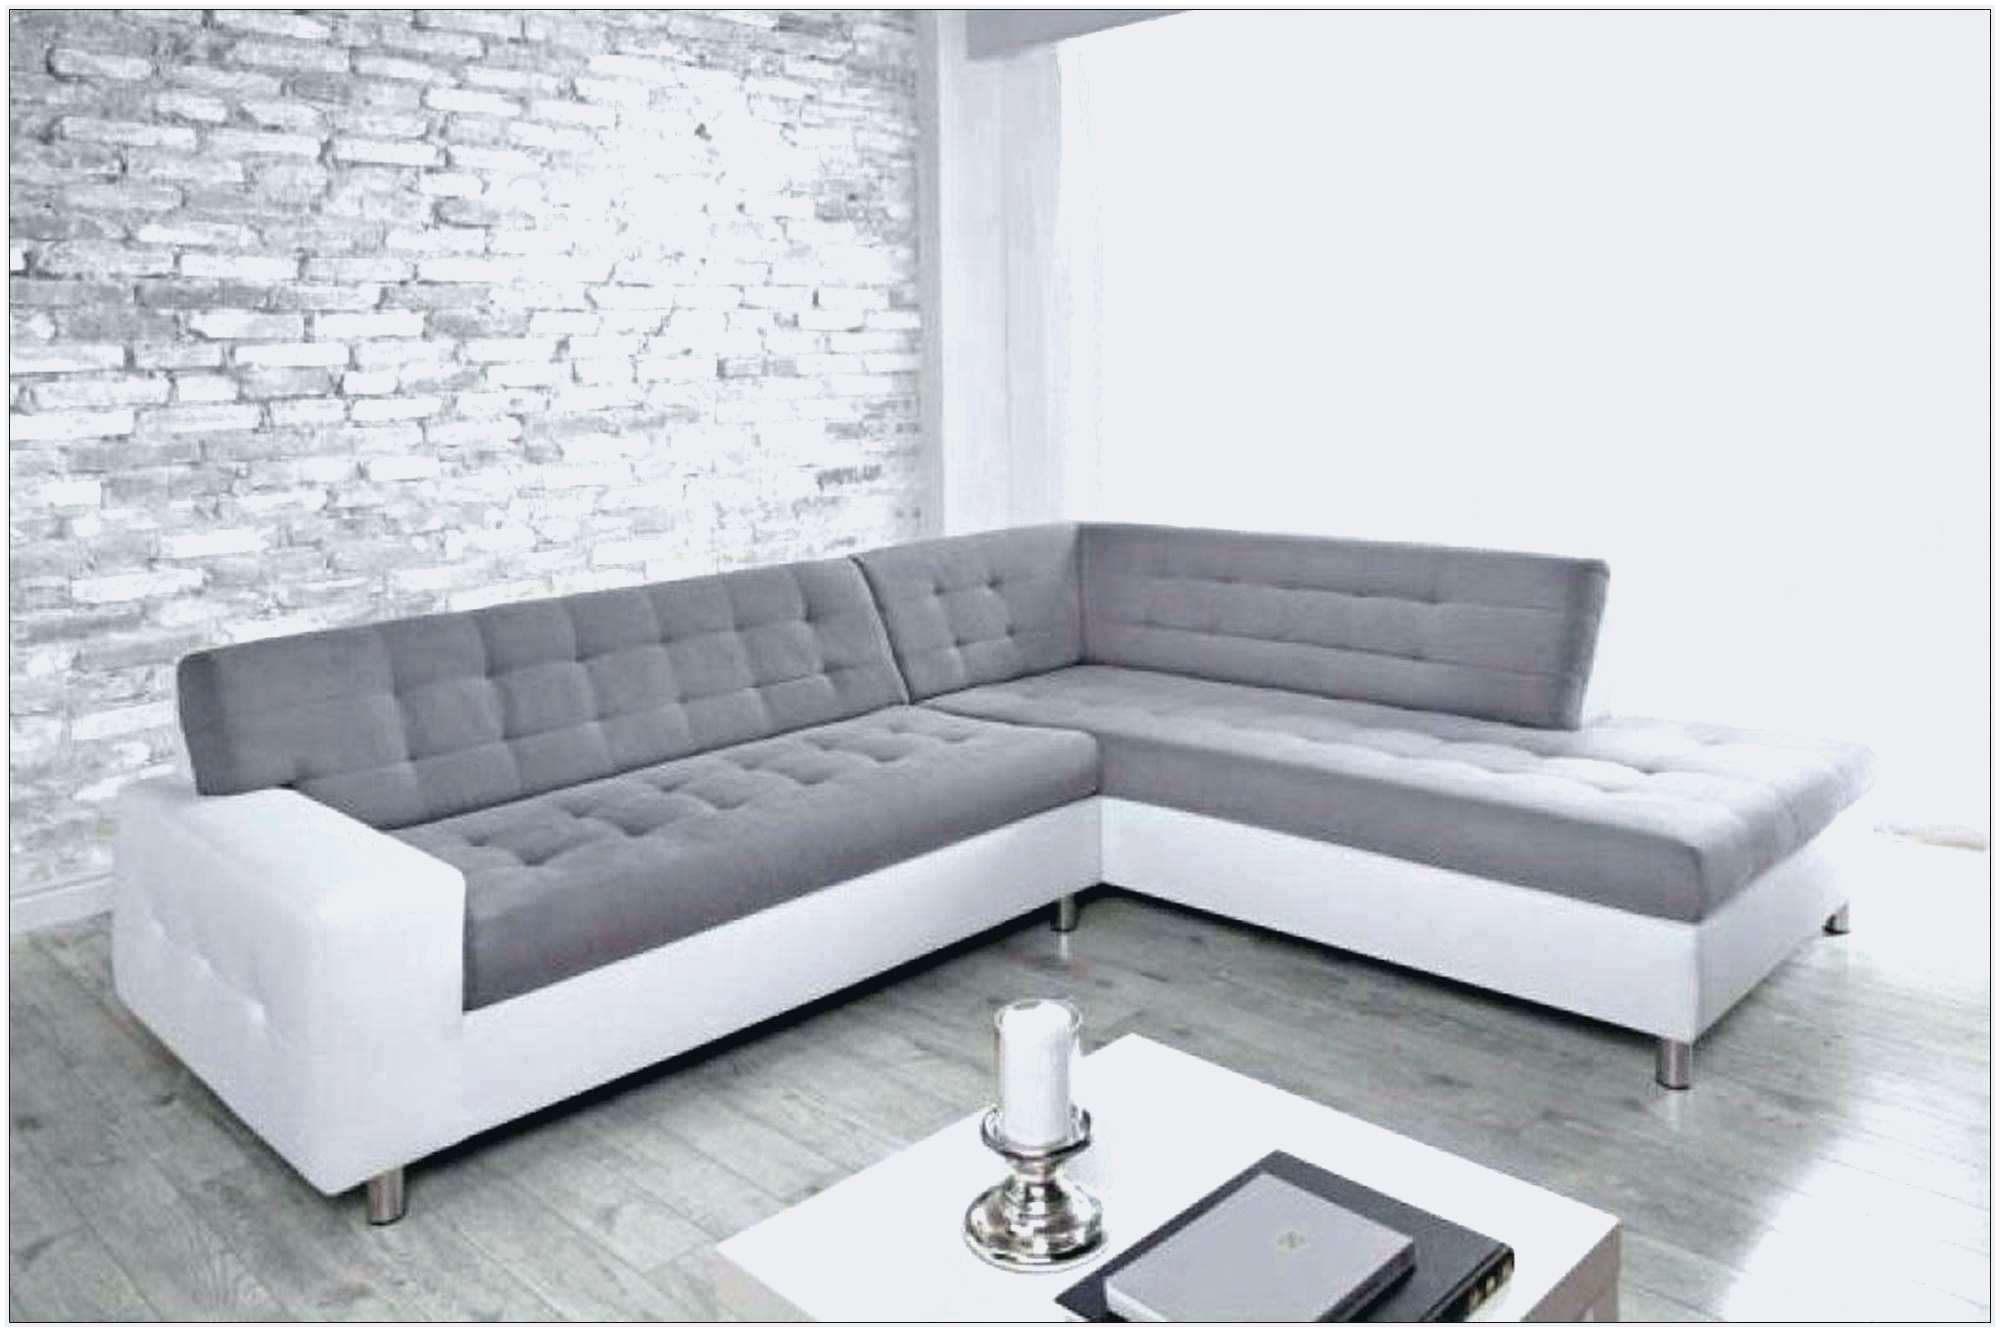 Canapé Lit Velours Agréable Luxe Ikea Canapé D Angle Convertible Beau Image Lit 2 Places 25 23